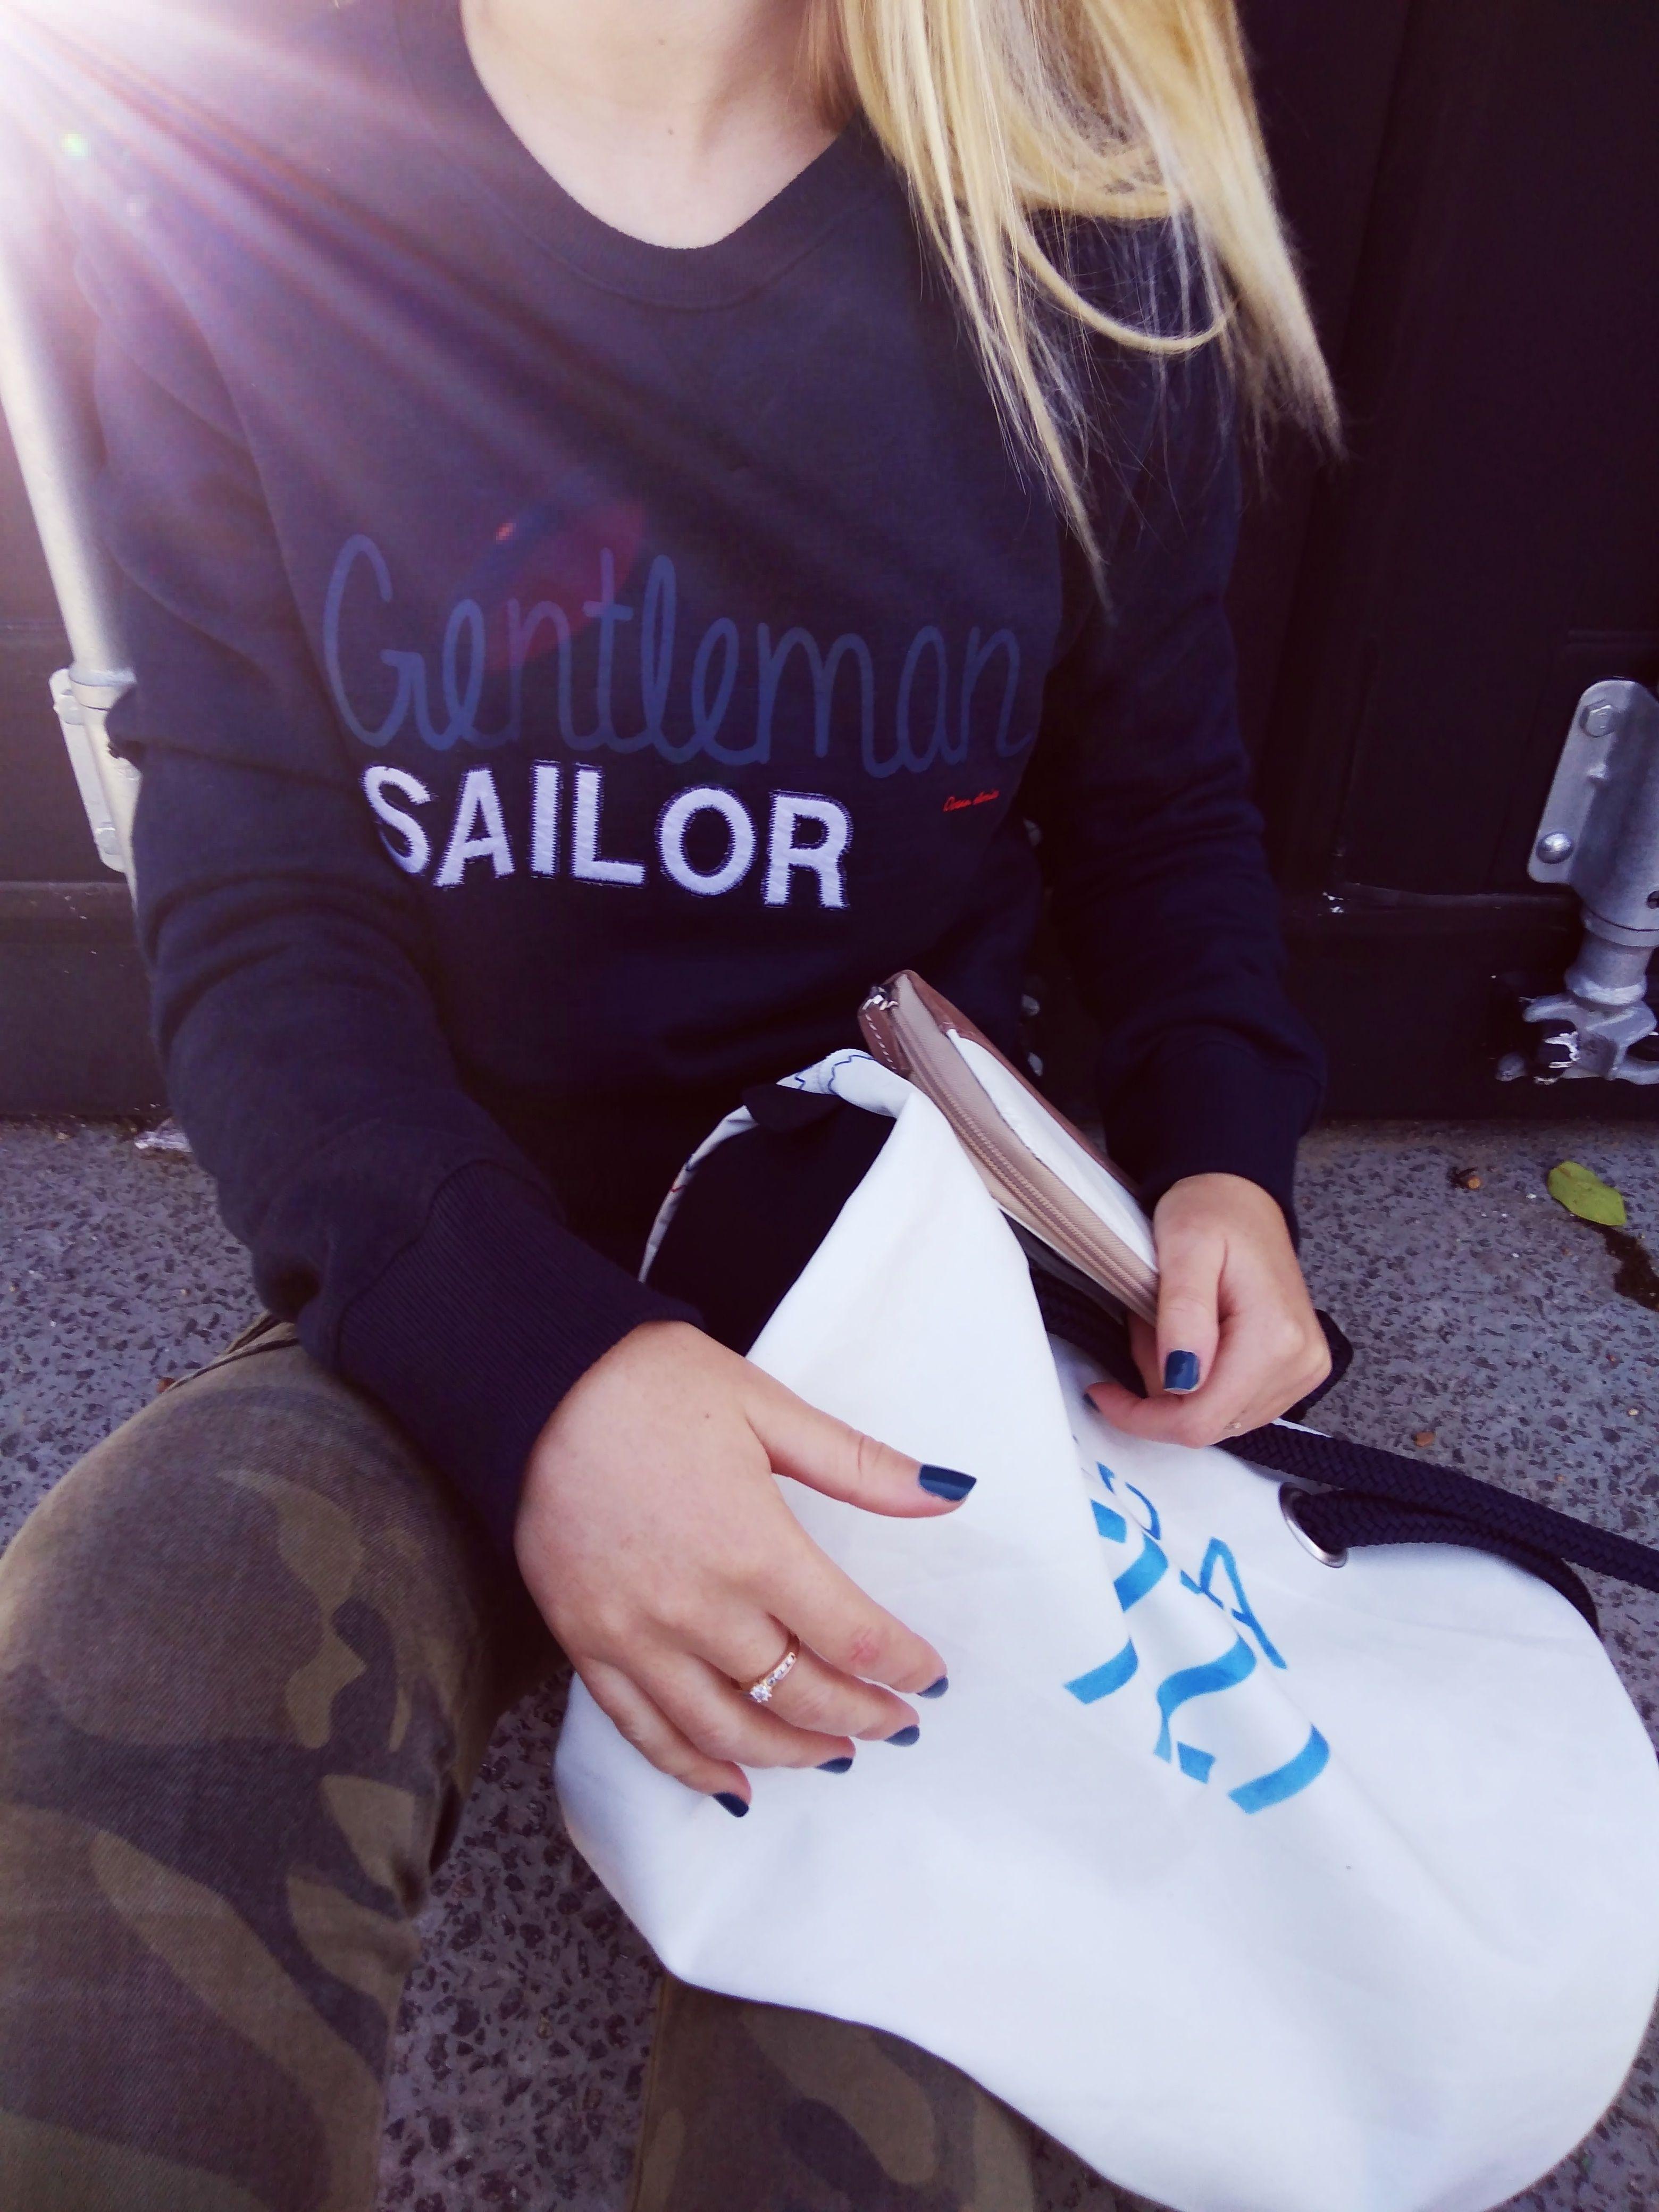 Le sweat Gentleman Sailor pour homme porté par un femme => découvrez tous les sweats 727Sailbags https://www.727sailbags.com/fr/9483-sweats-